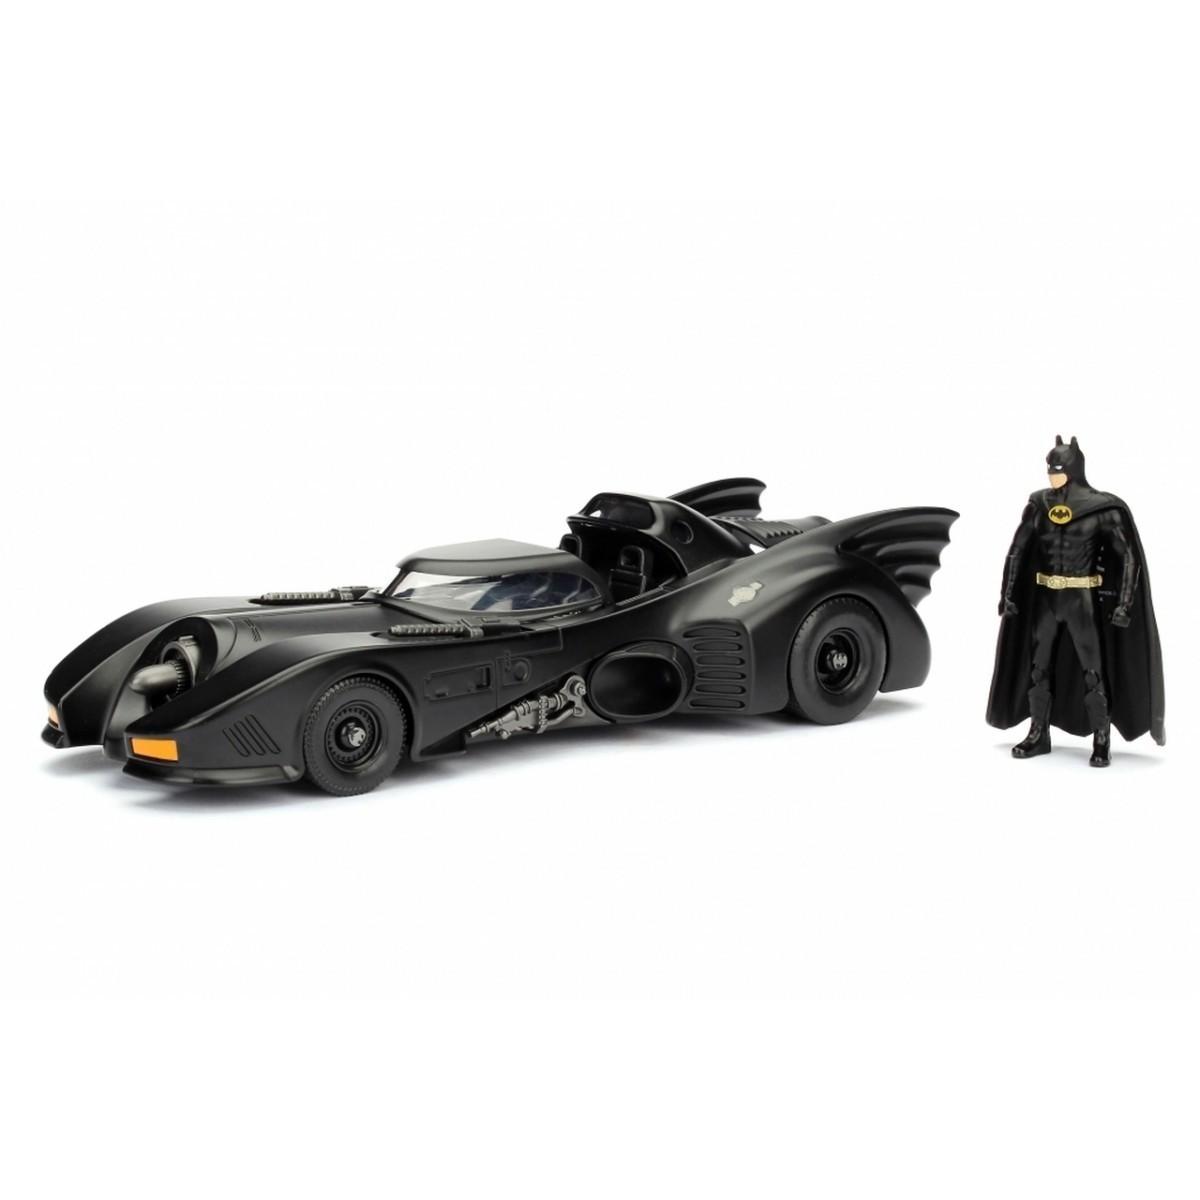 Metals Die Cast Batmobile Batman 1989 com Miniatura do Batman Escala 1/24 - DTC